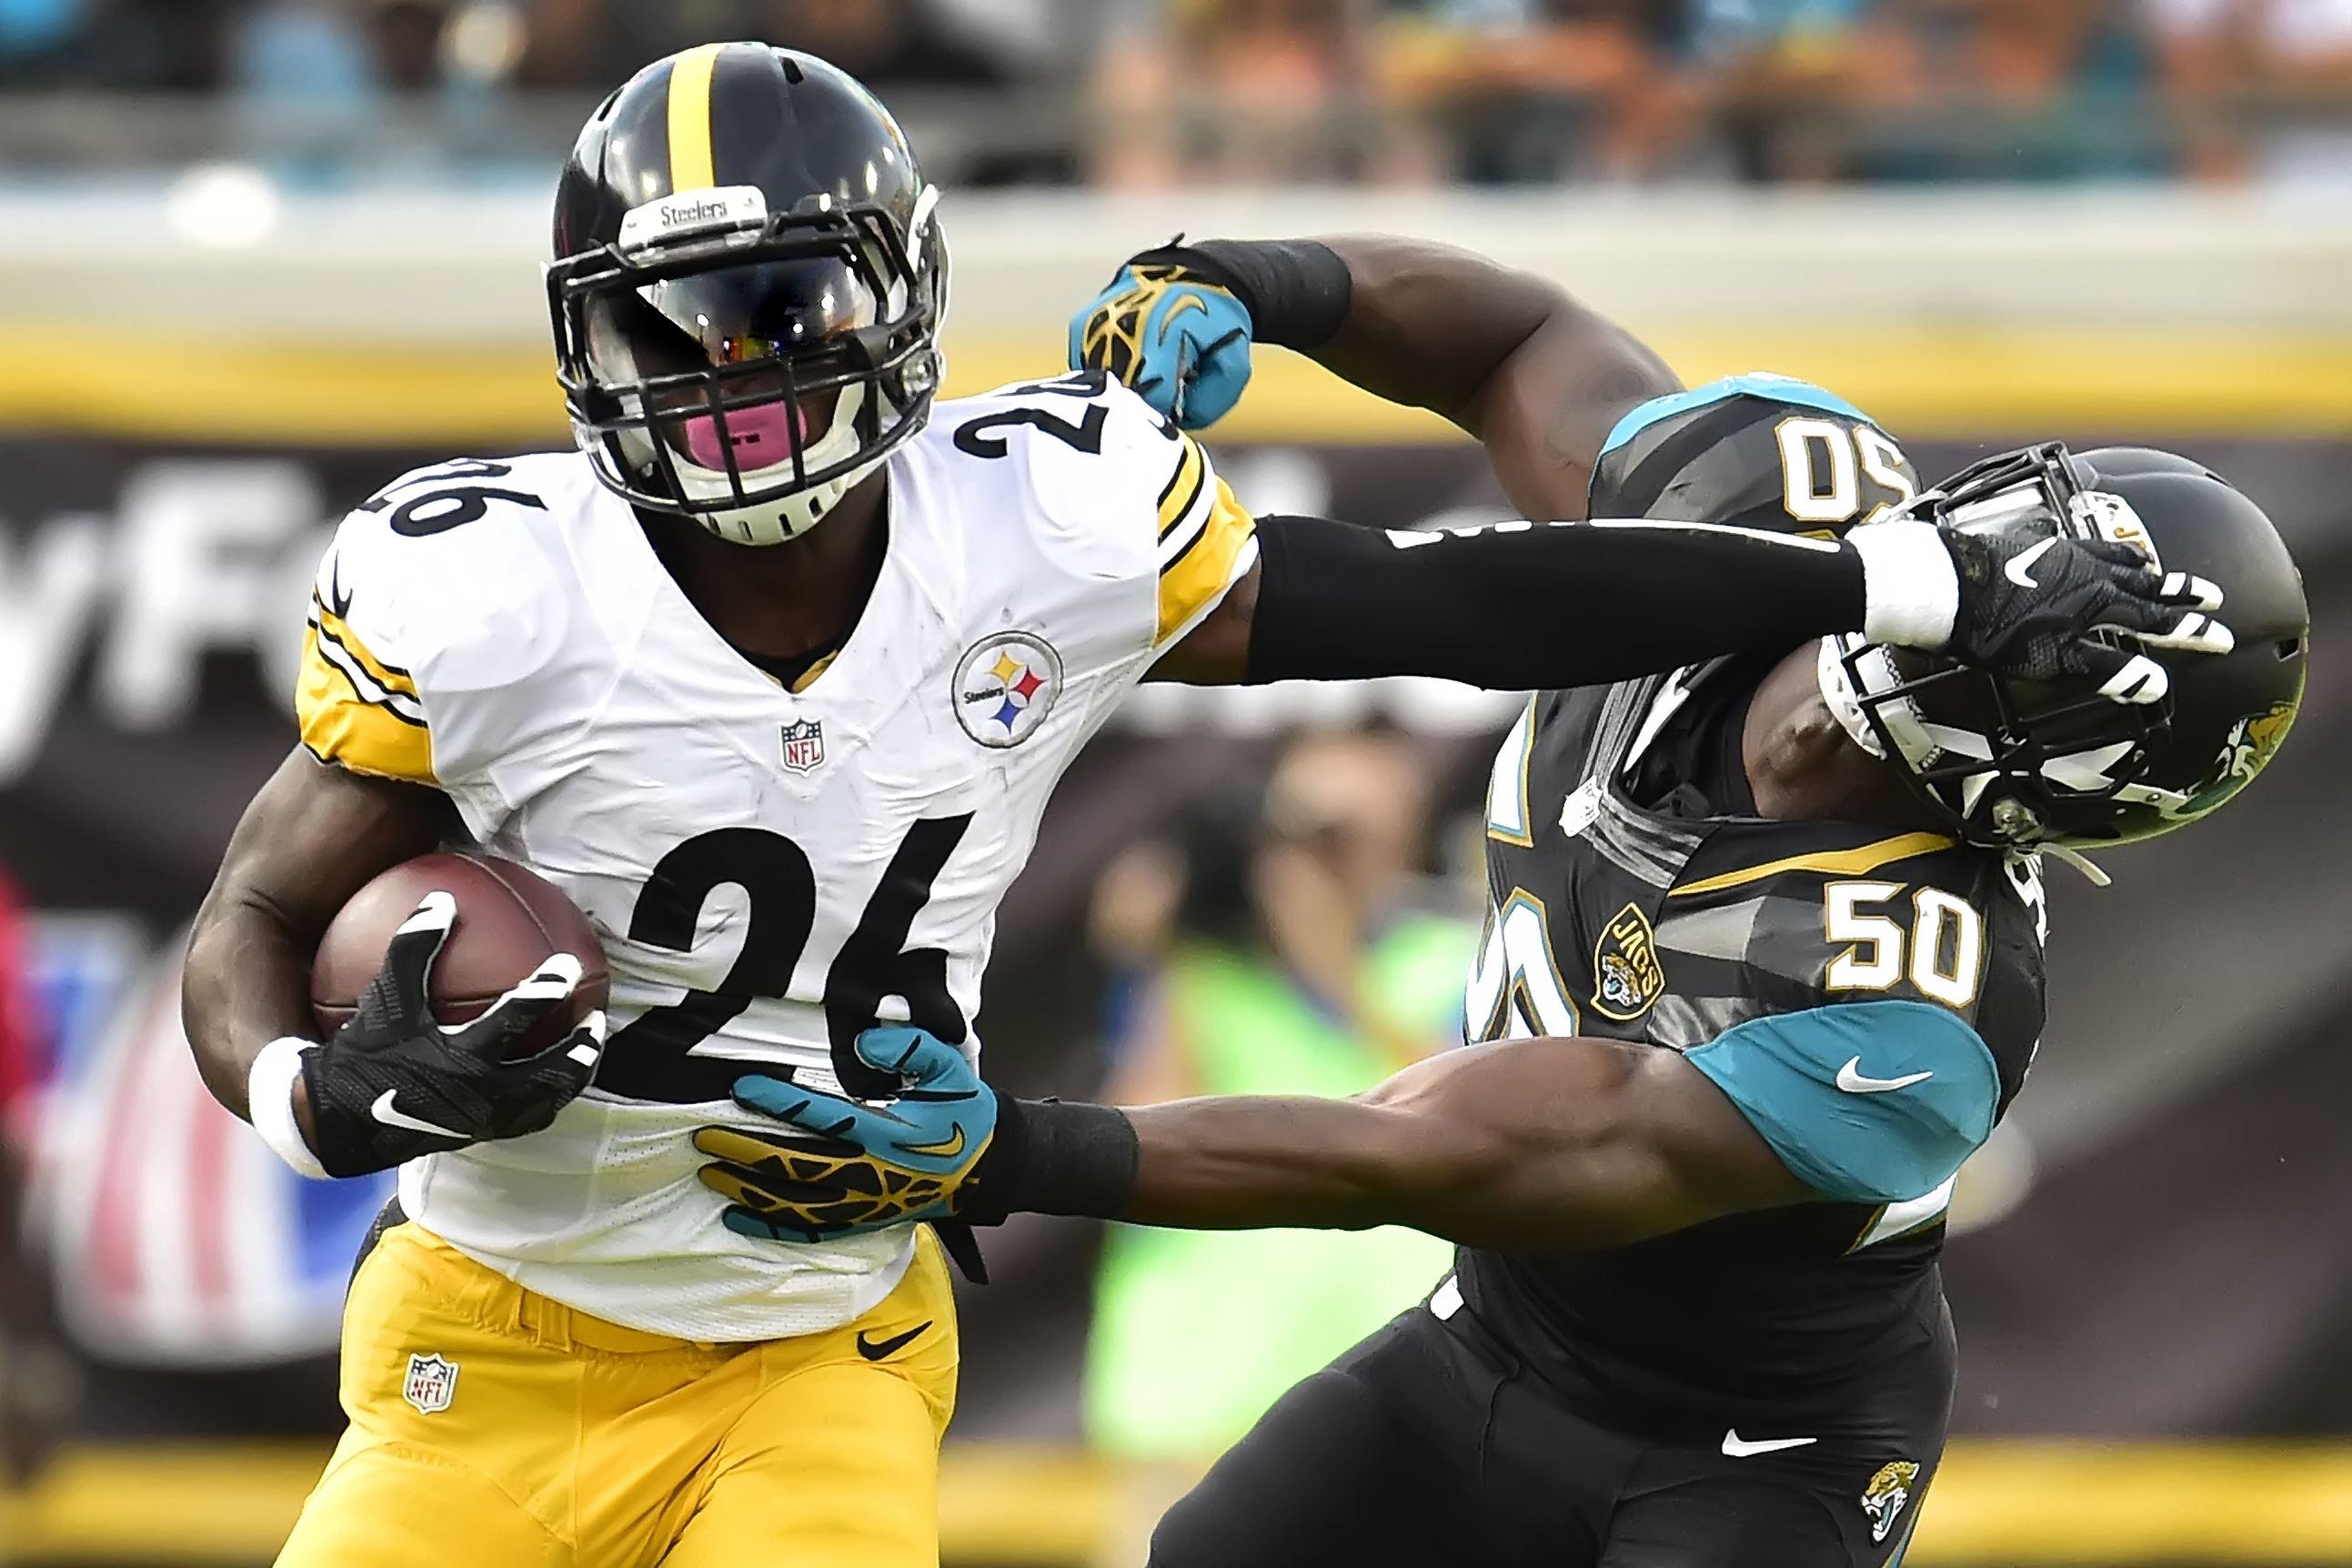 Ponturi NFL – Vlad mizeaza 150 RON pe factorul X de la Steelers